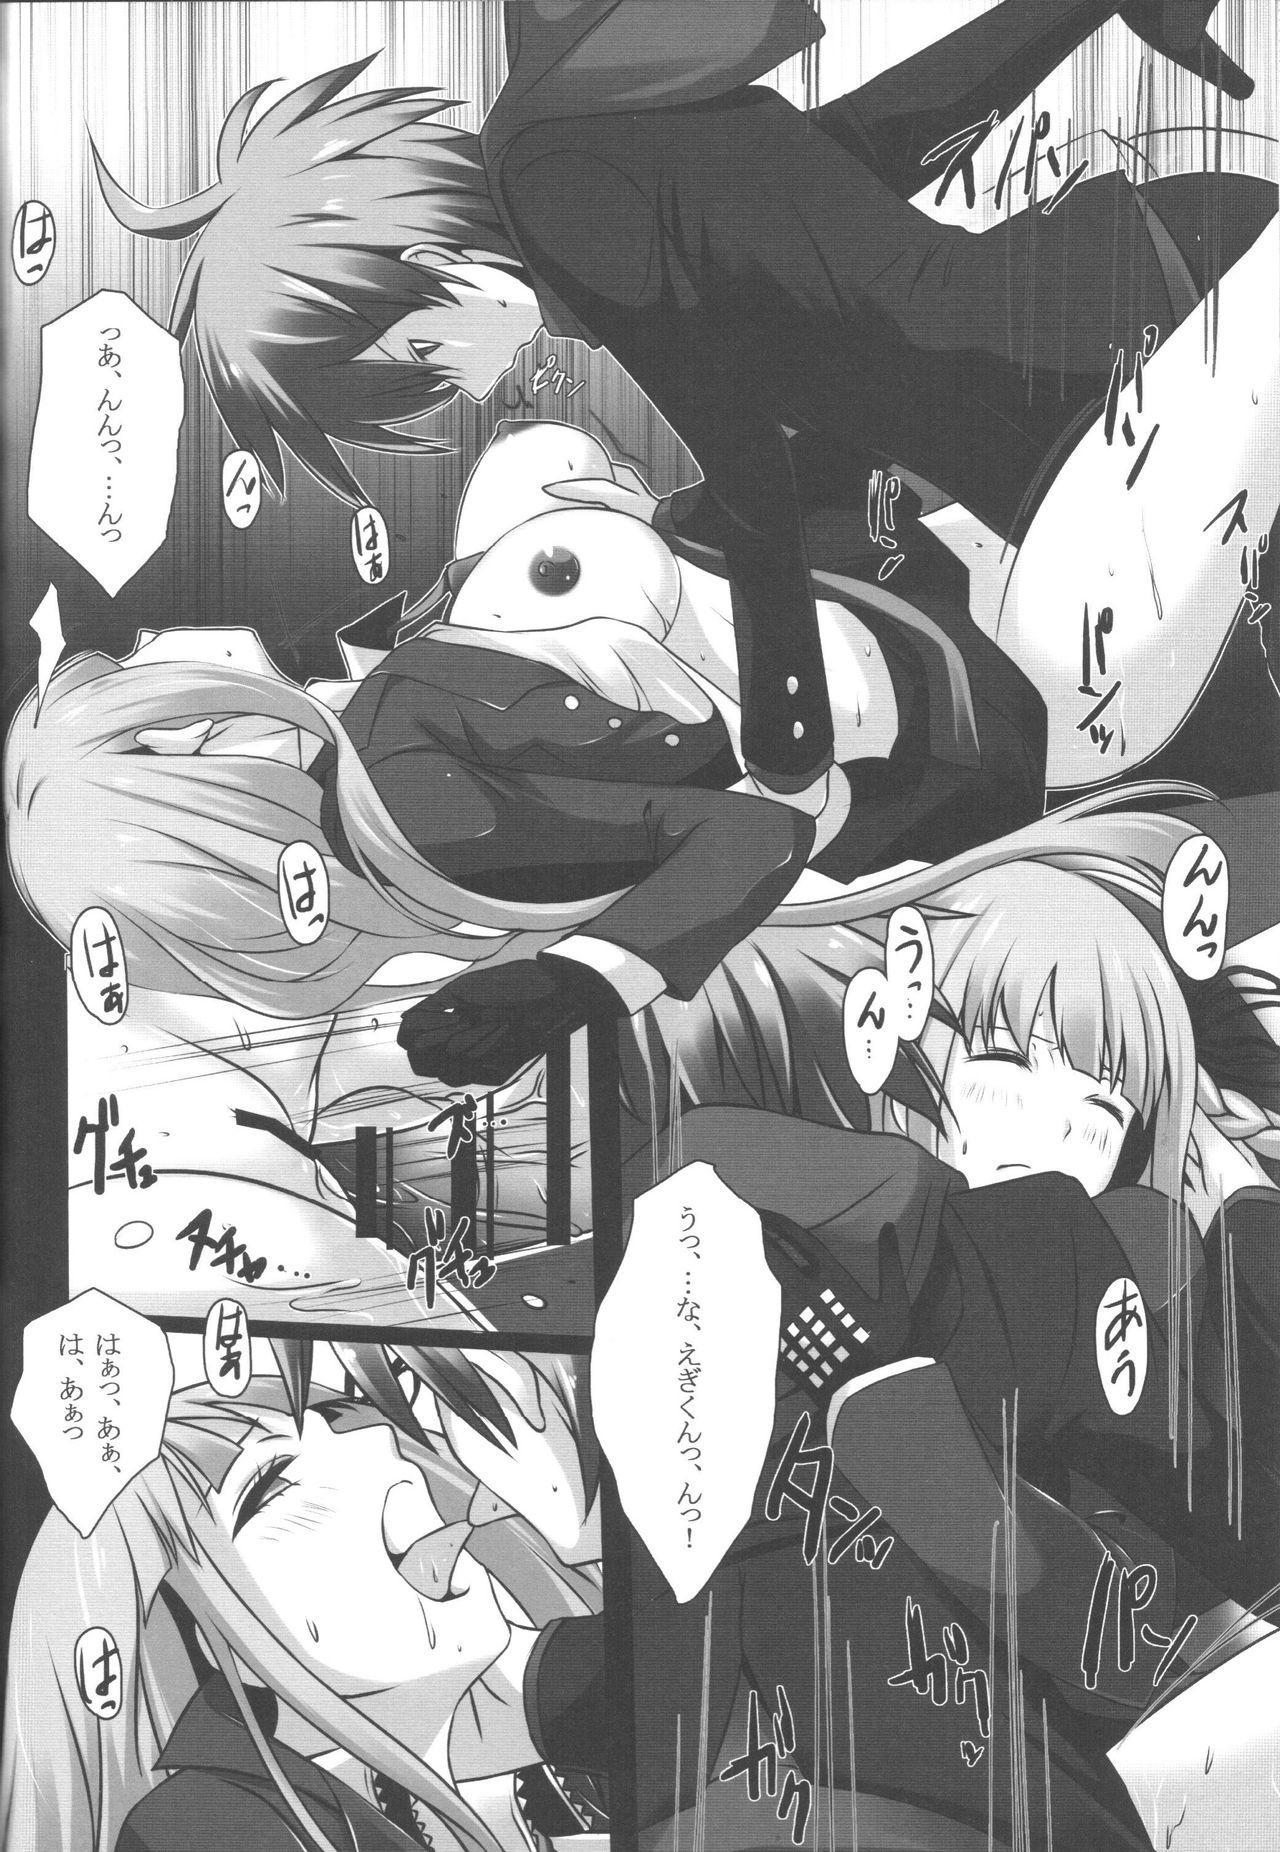 Monokuma File 14